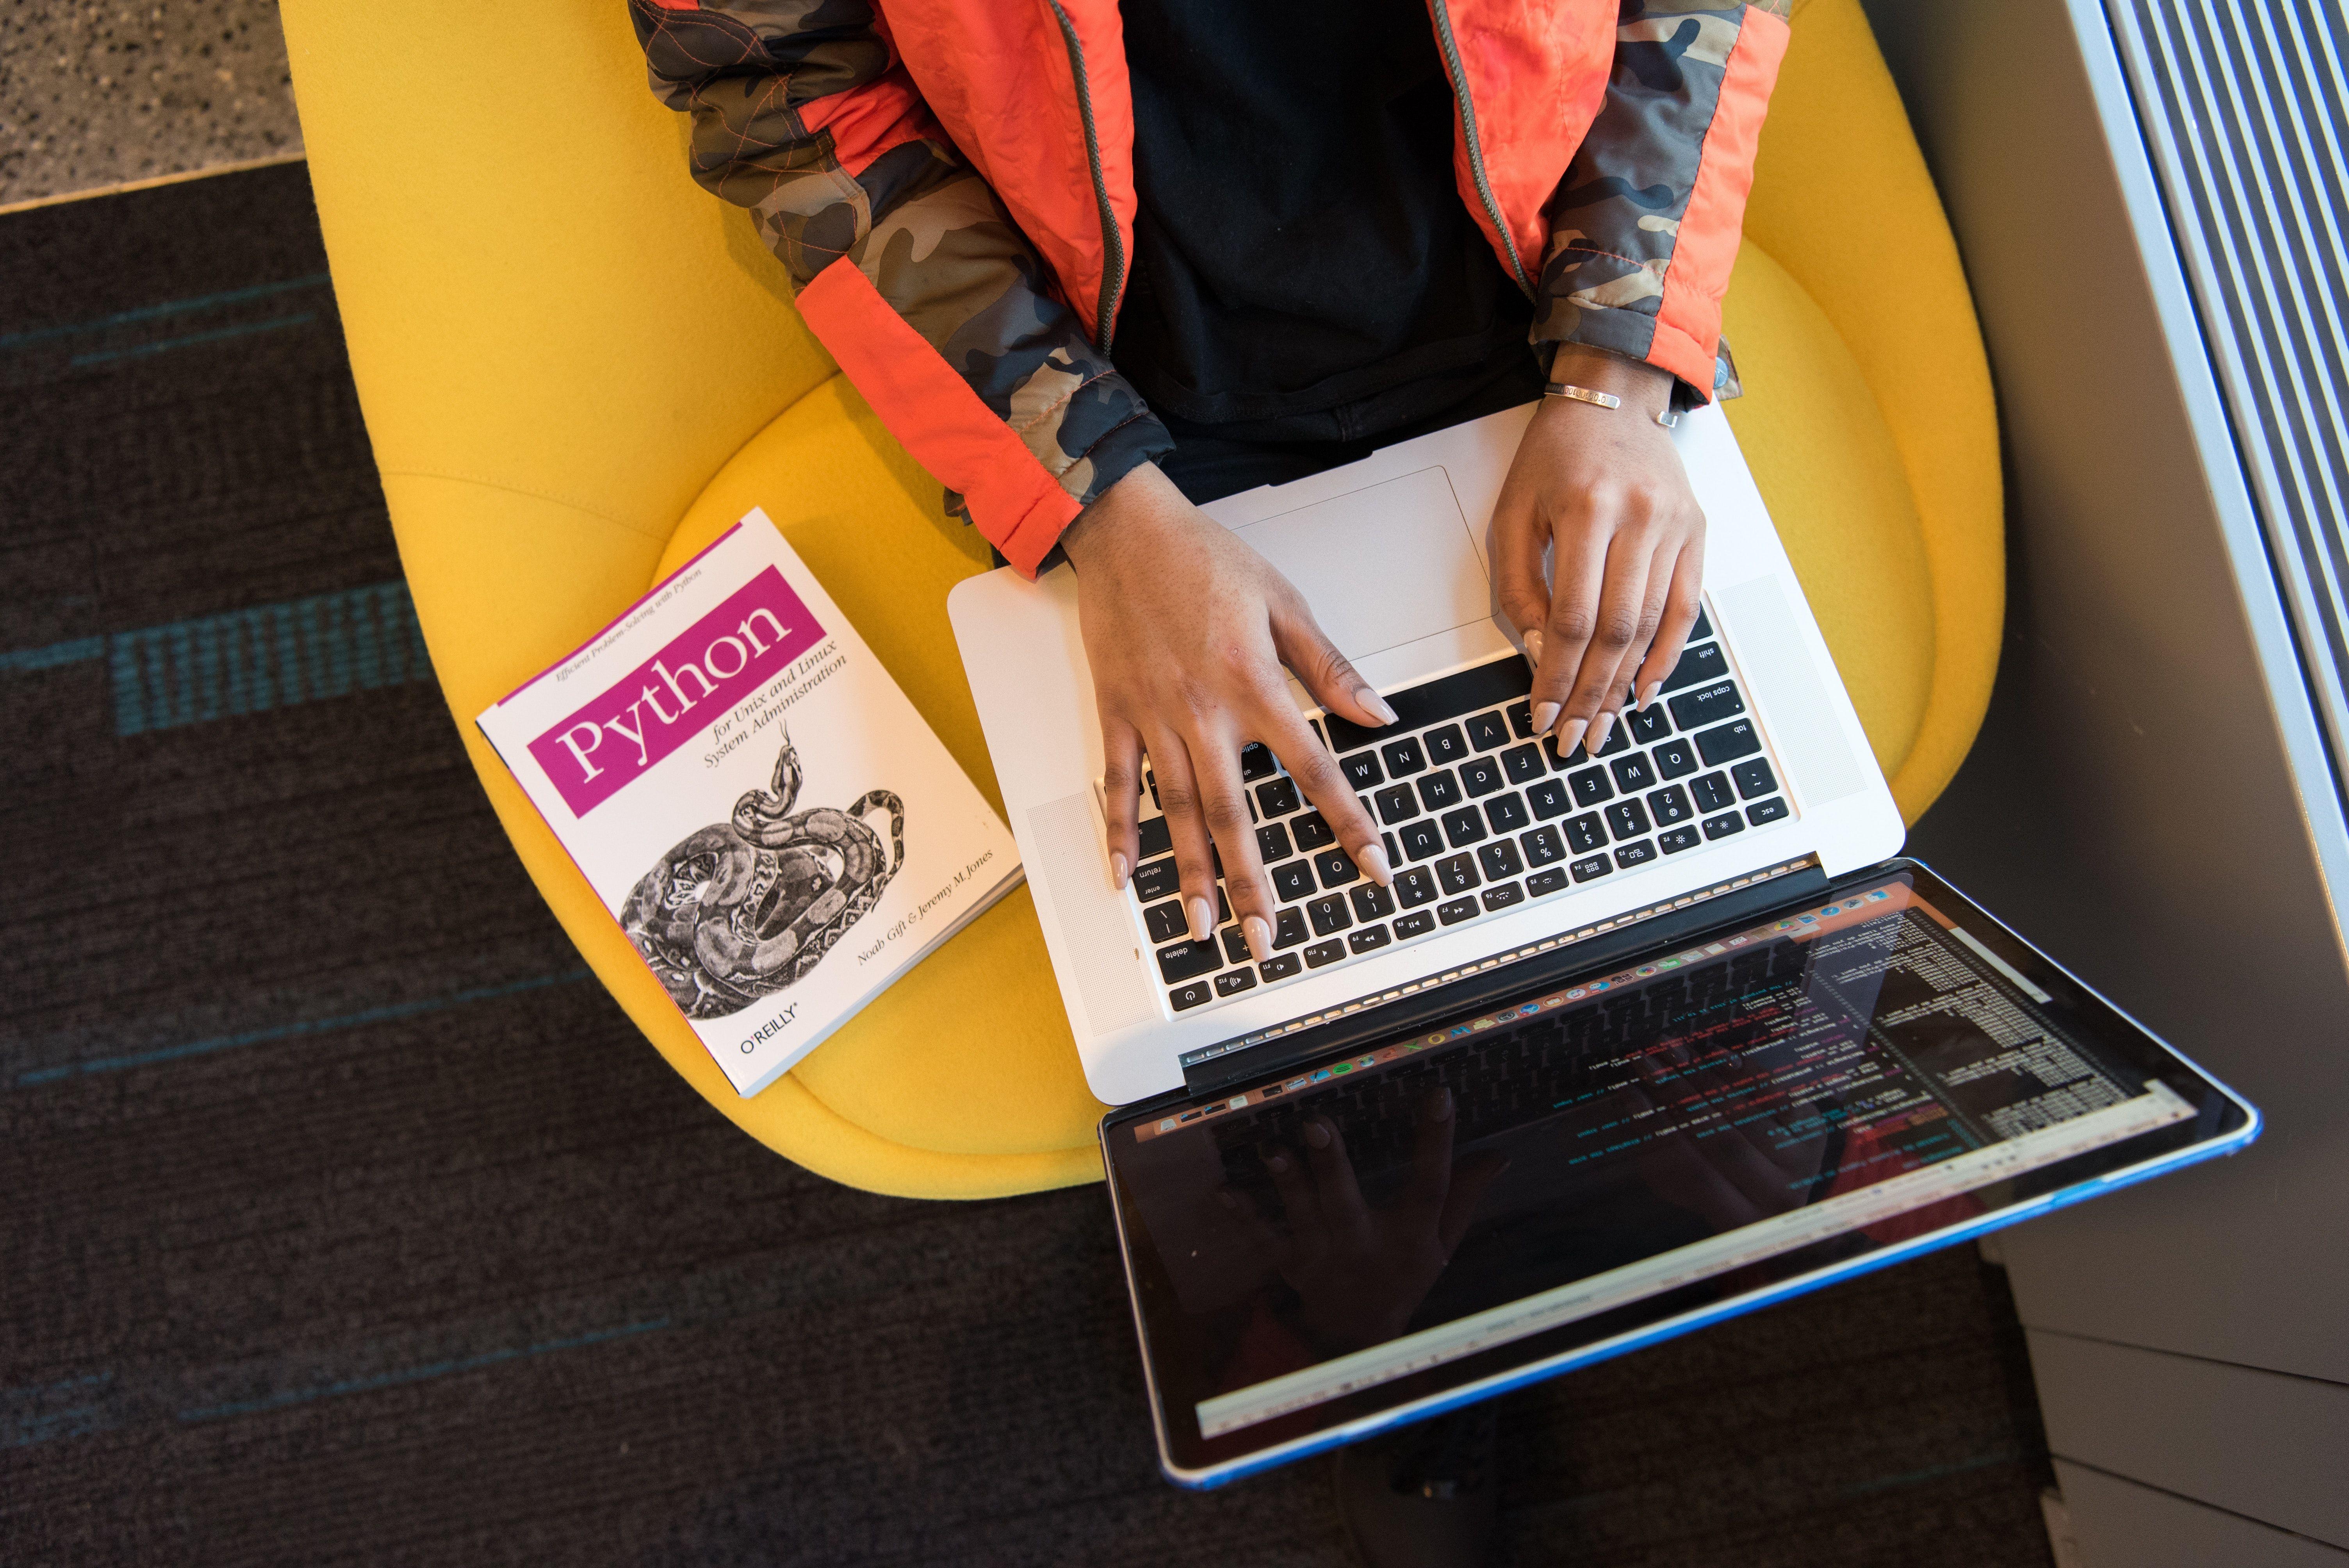 Il «riuso» del software: una speranza per la crescita digitale